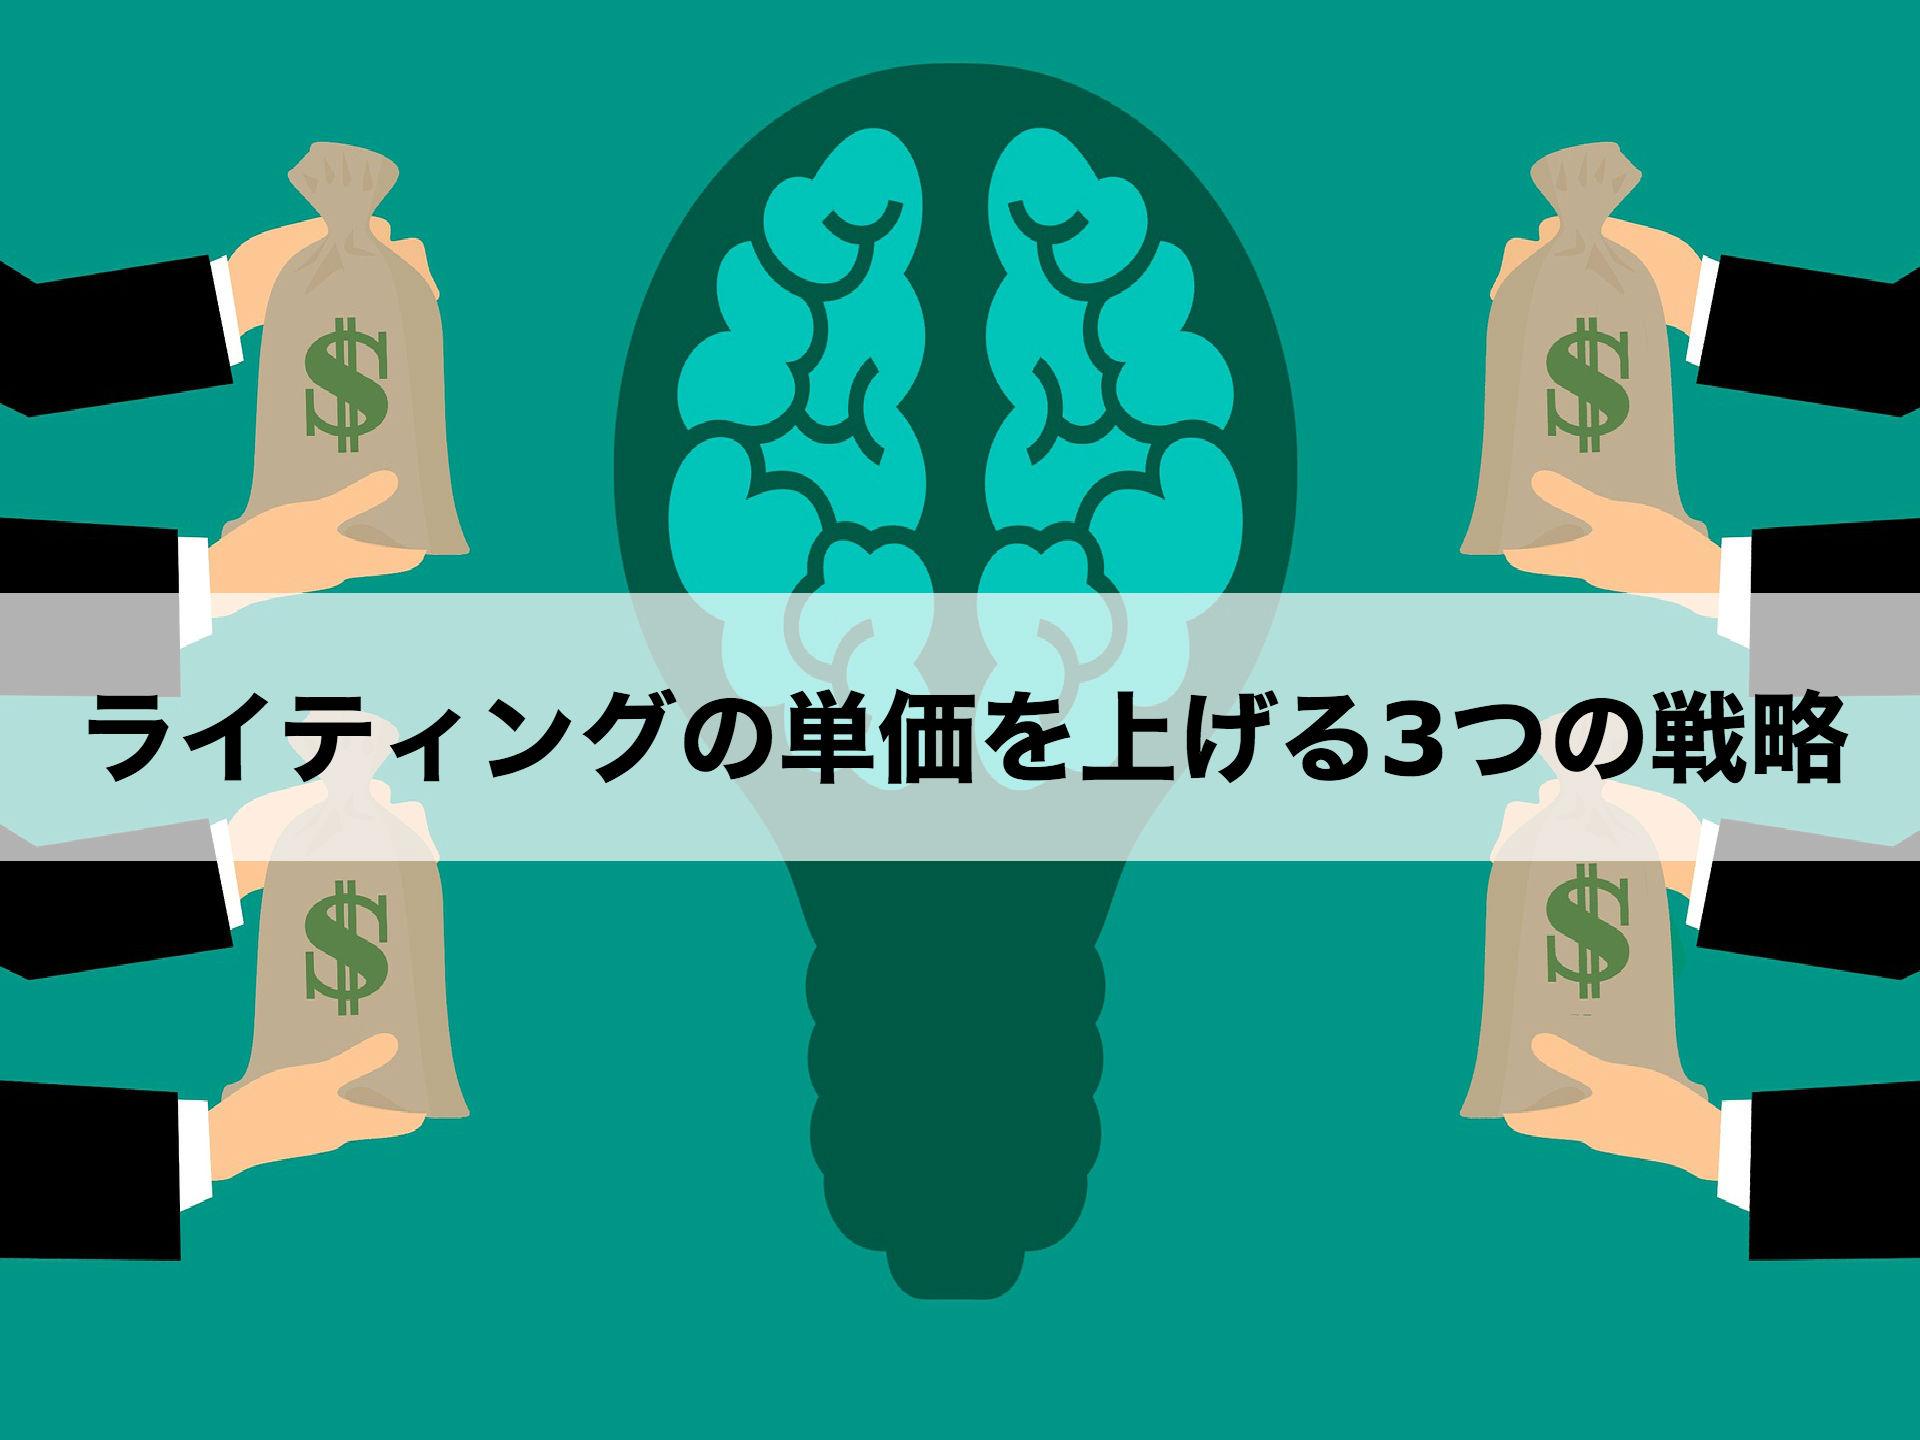 収入10倍!?ライティングの単価を上げる3つの基本戦略